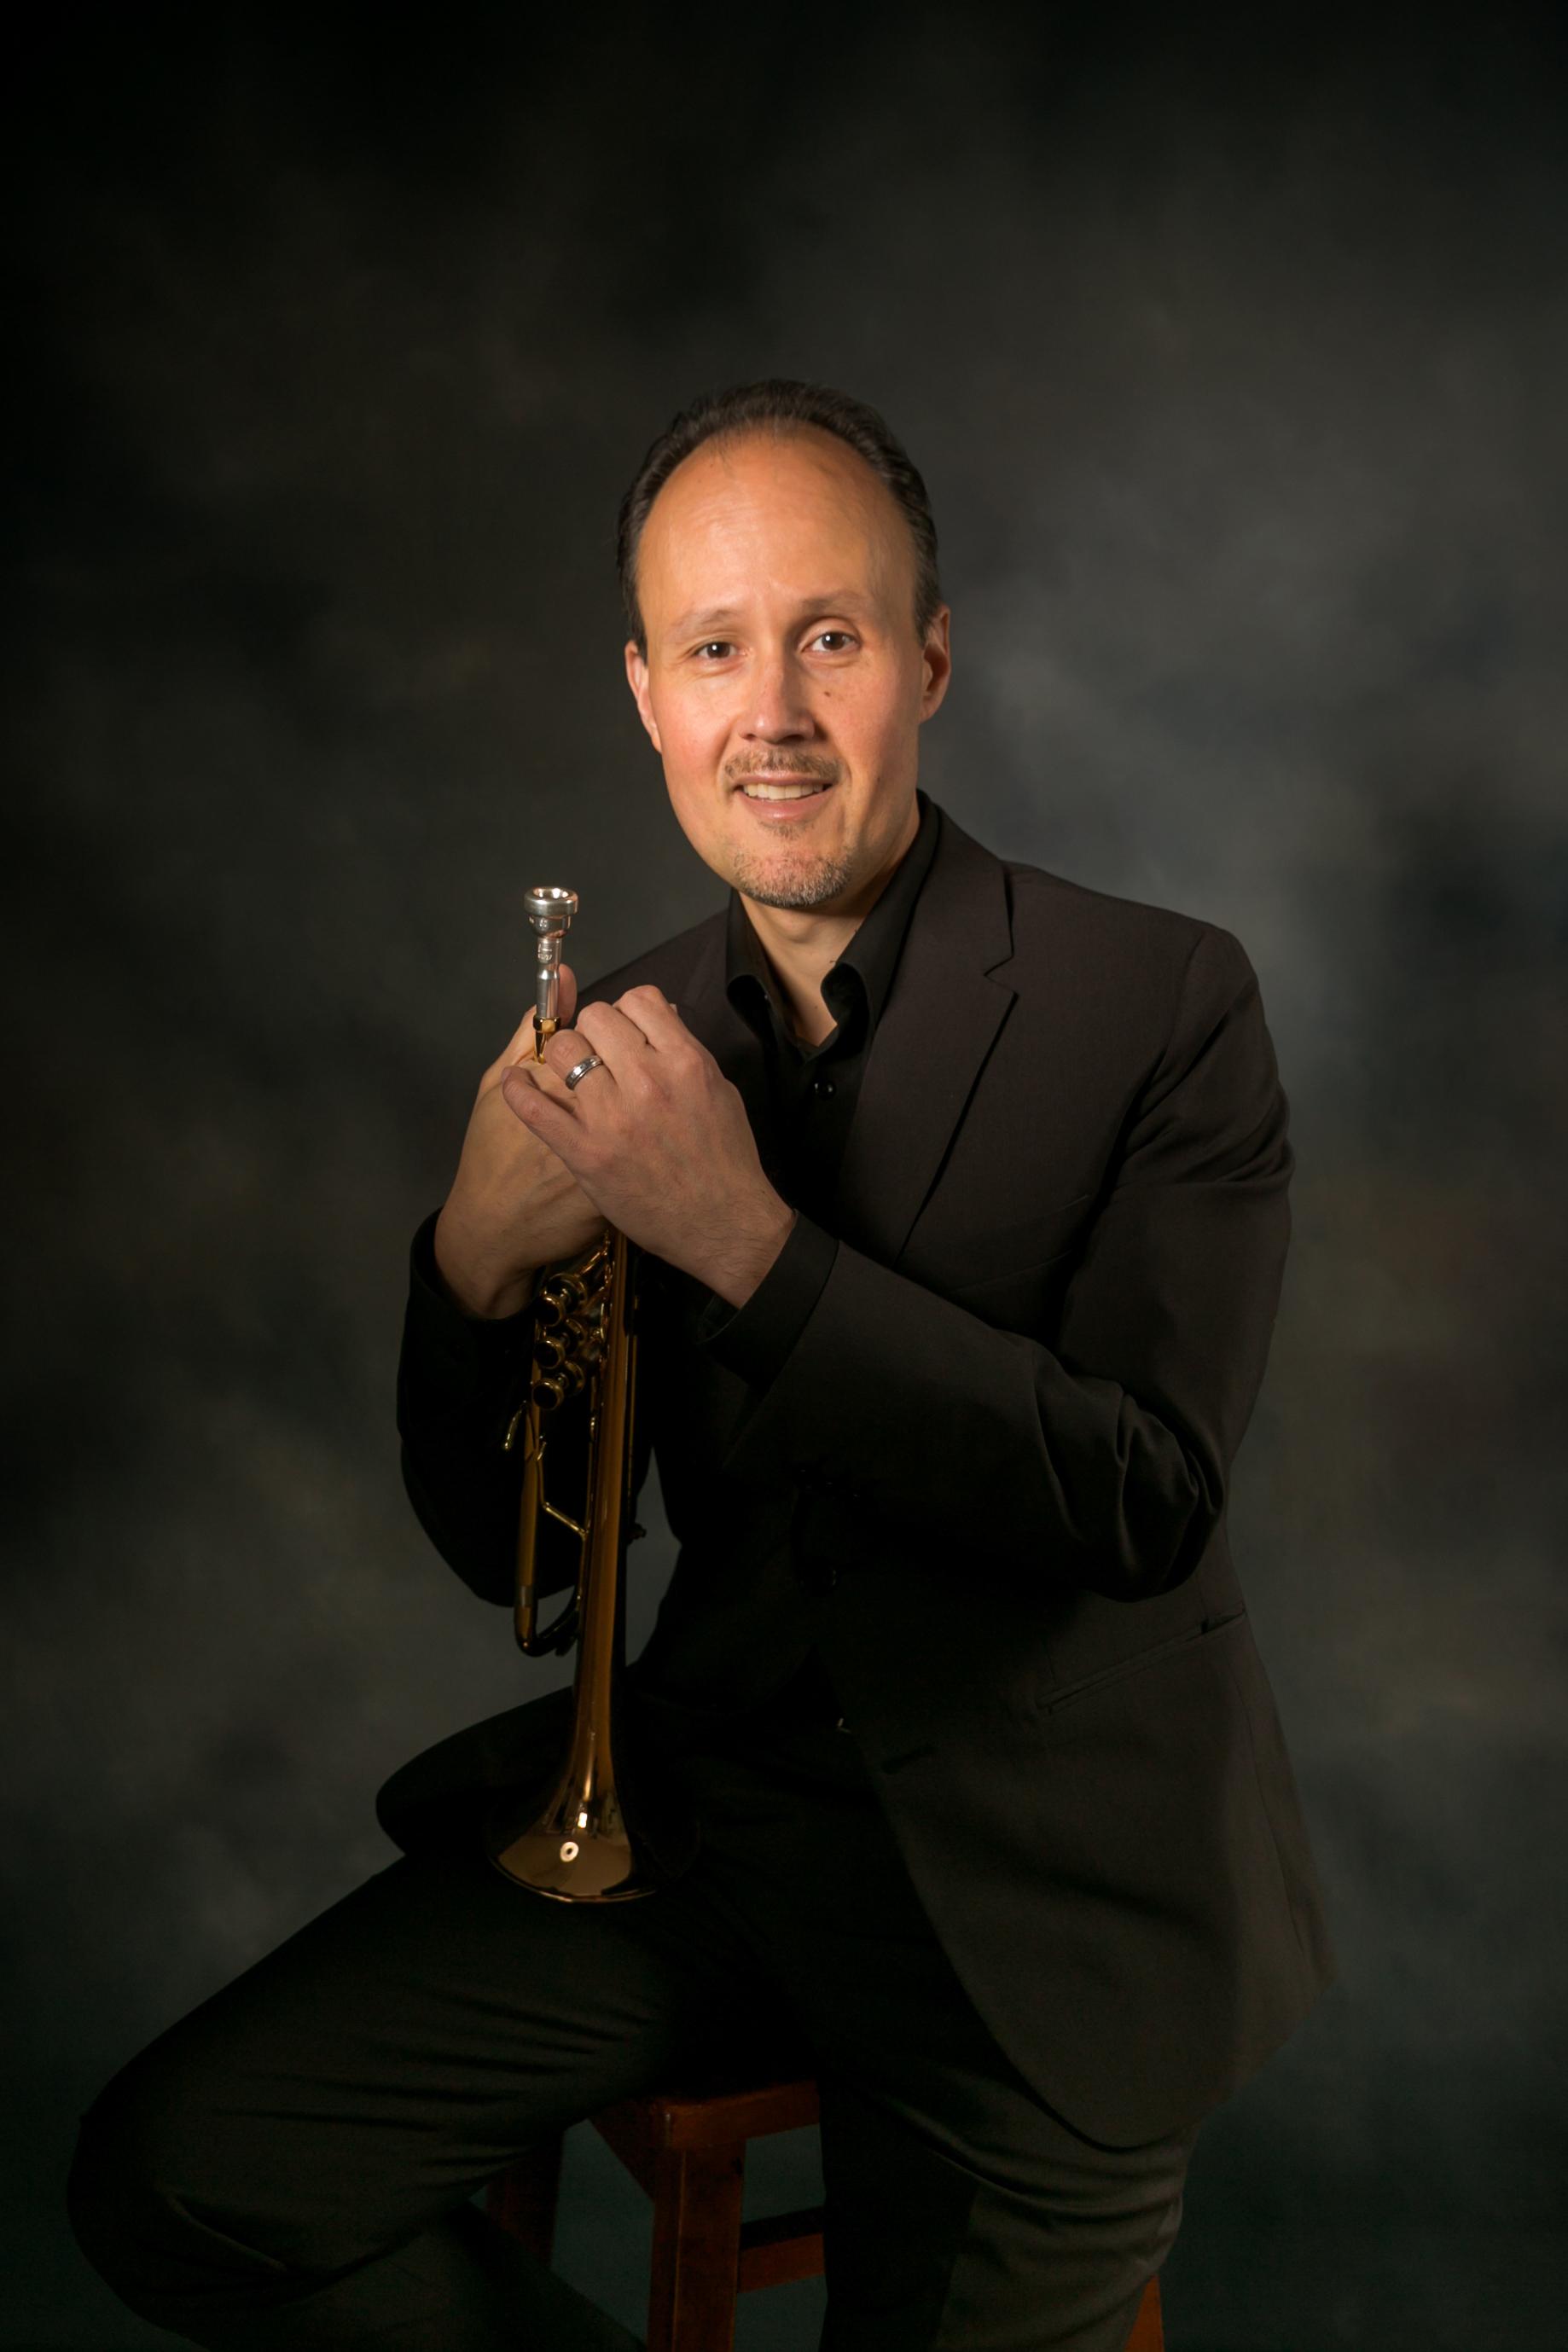 Morris Northcutt - Bach Performing Artist & Clinician